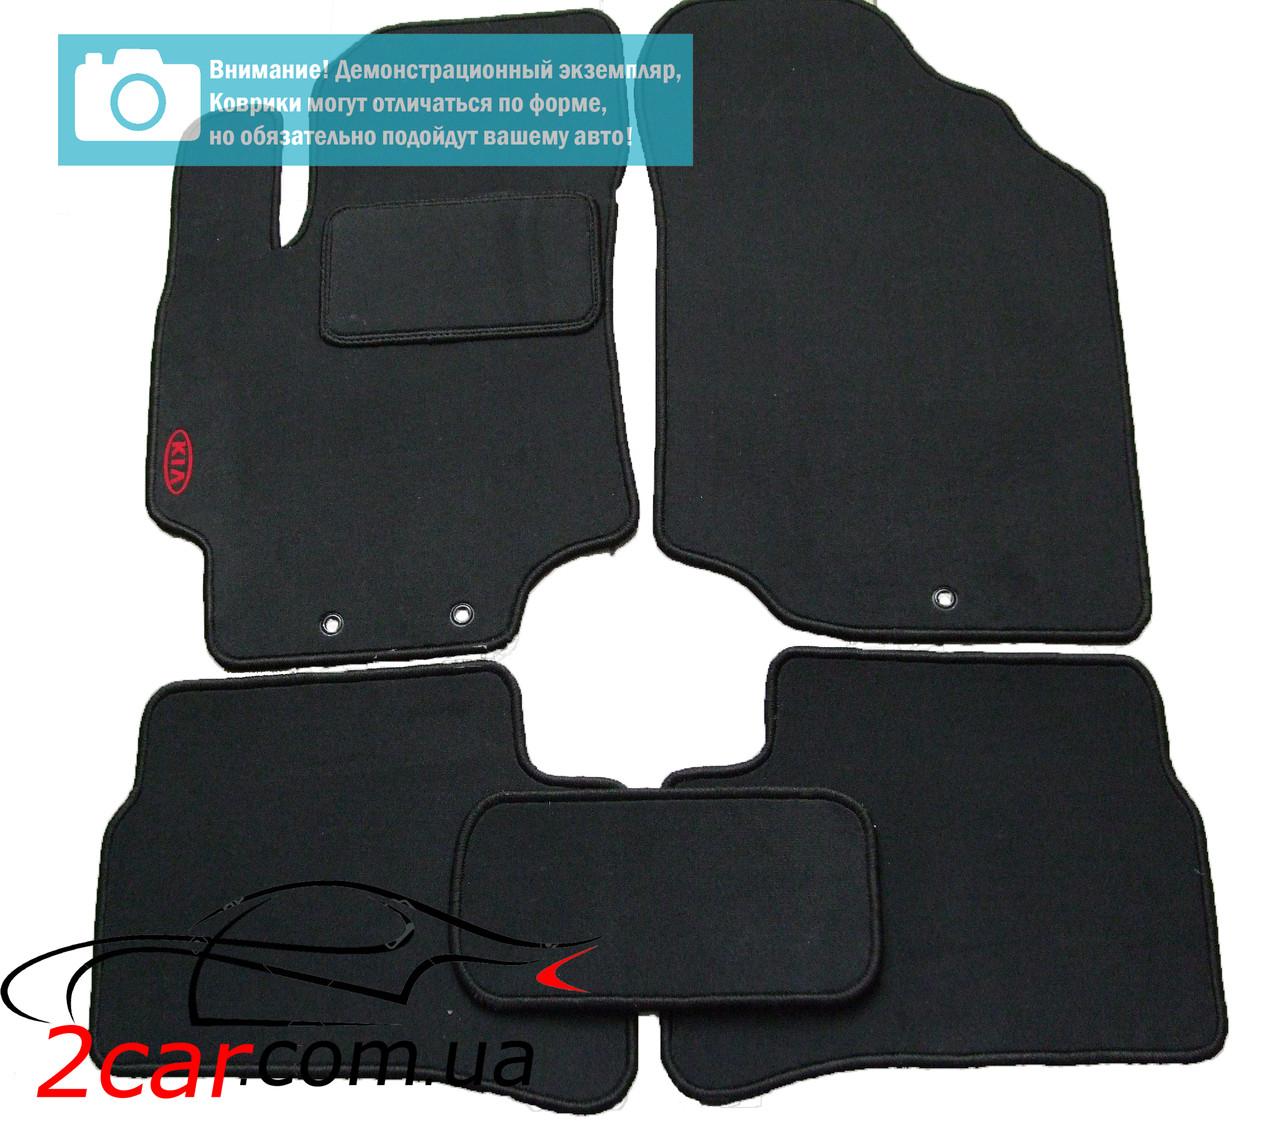 Текстильные коврики в салон для Chevrolet Aveo (Т 300) (2011-) (серые) (StingrayUA)